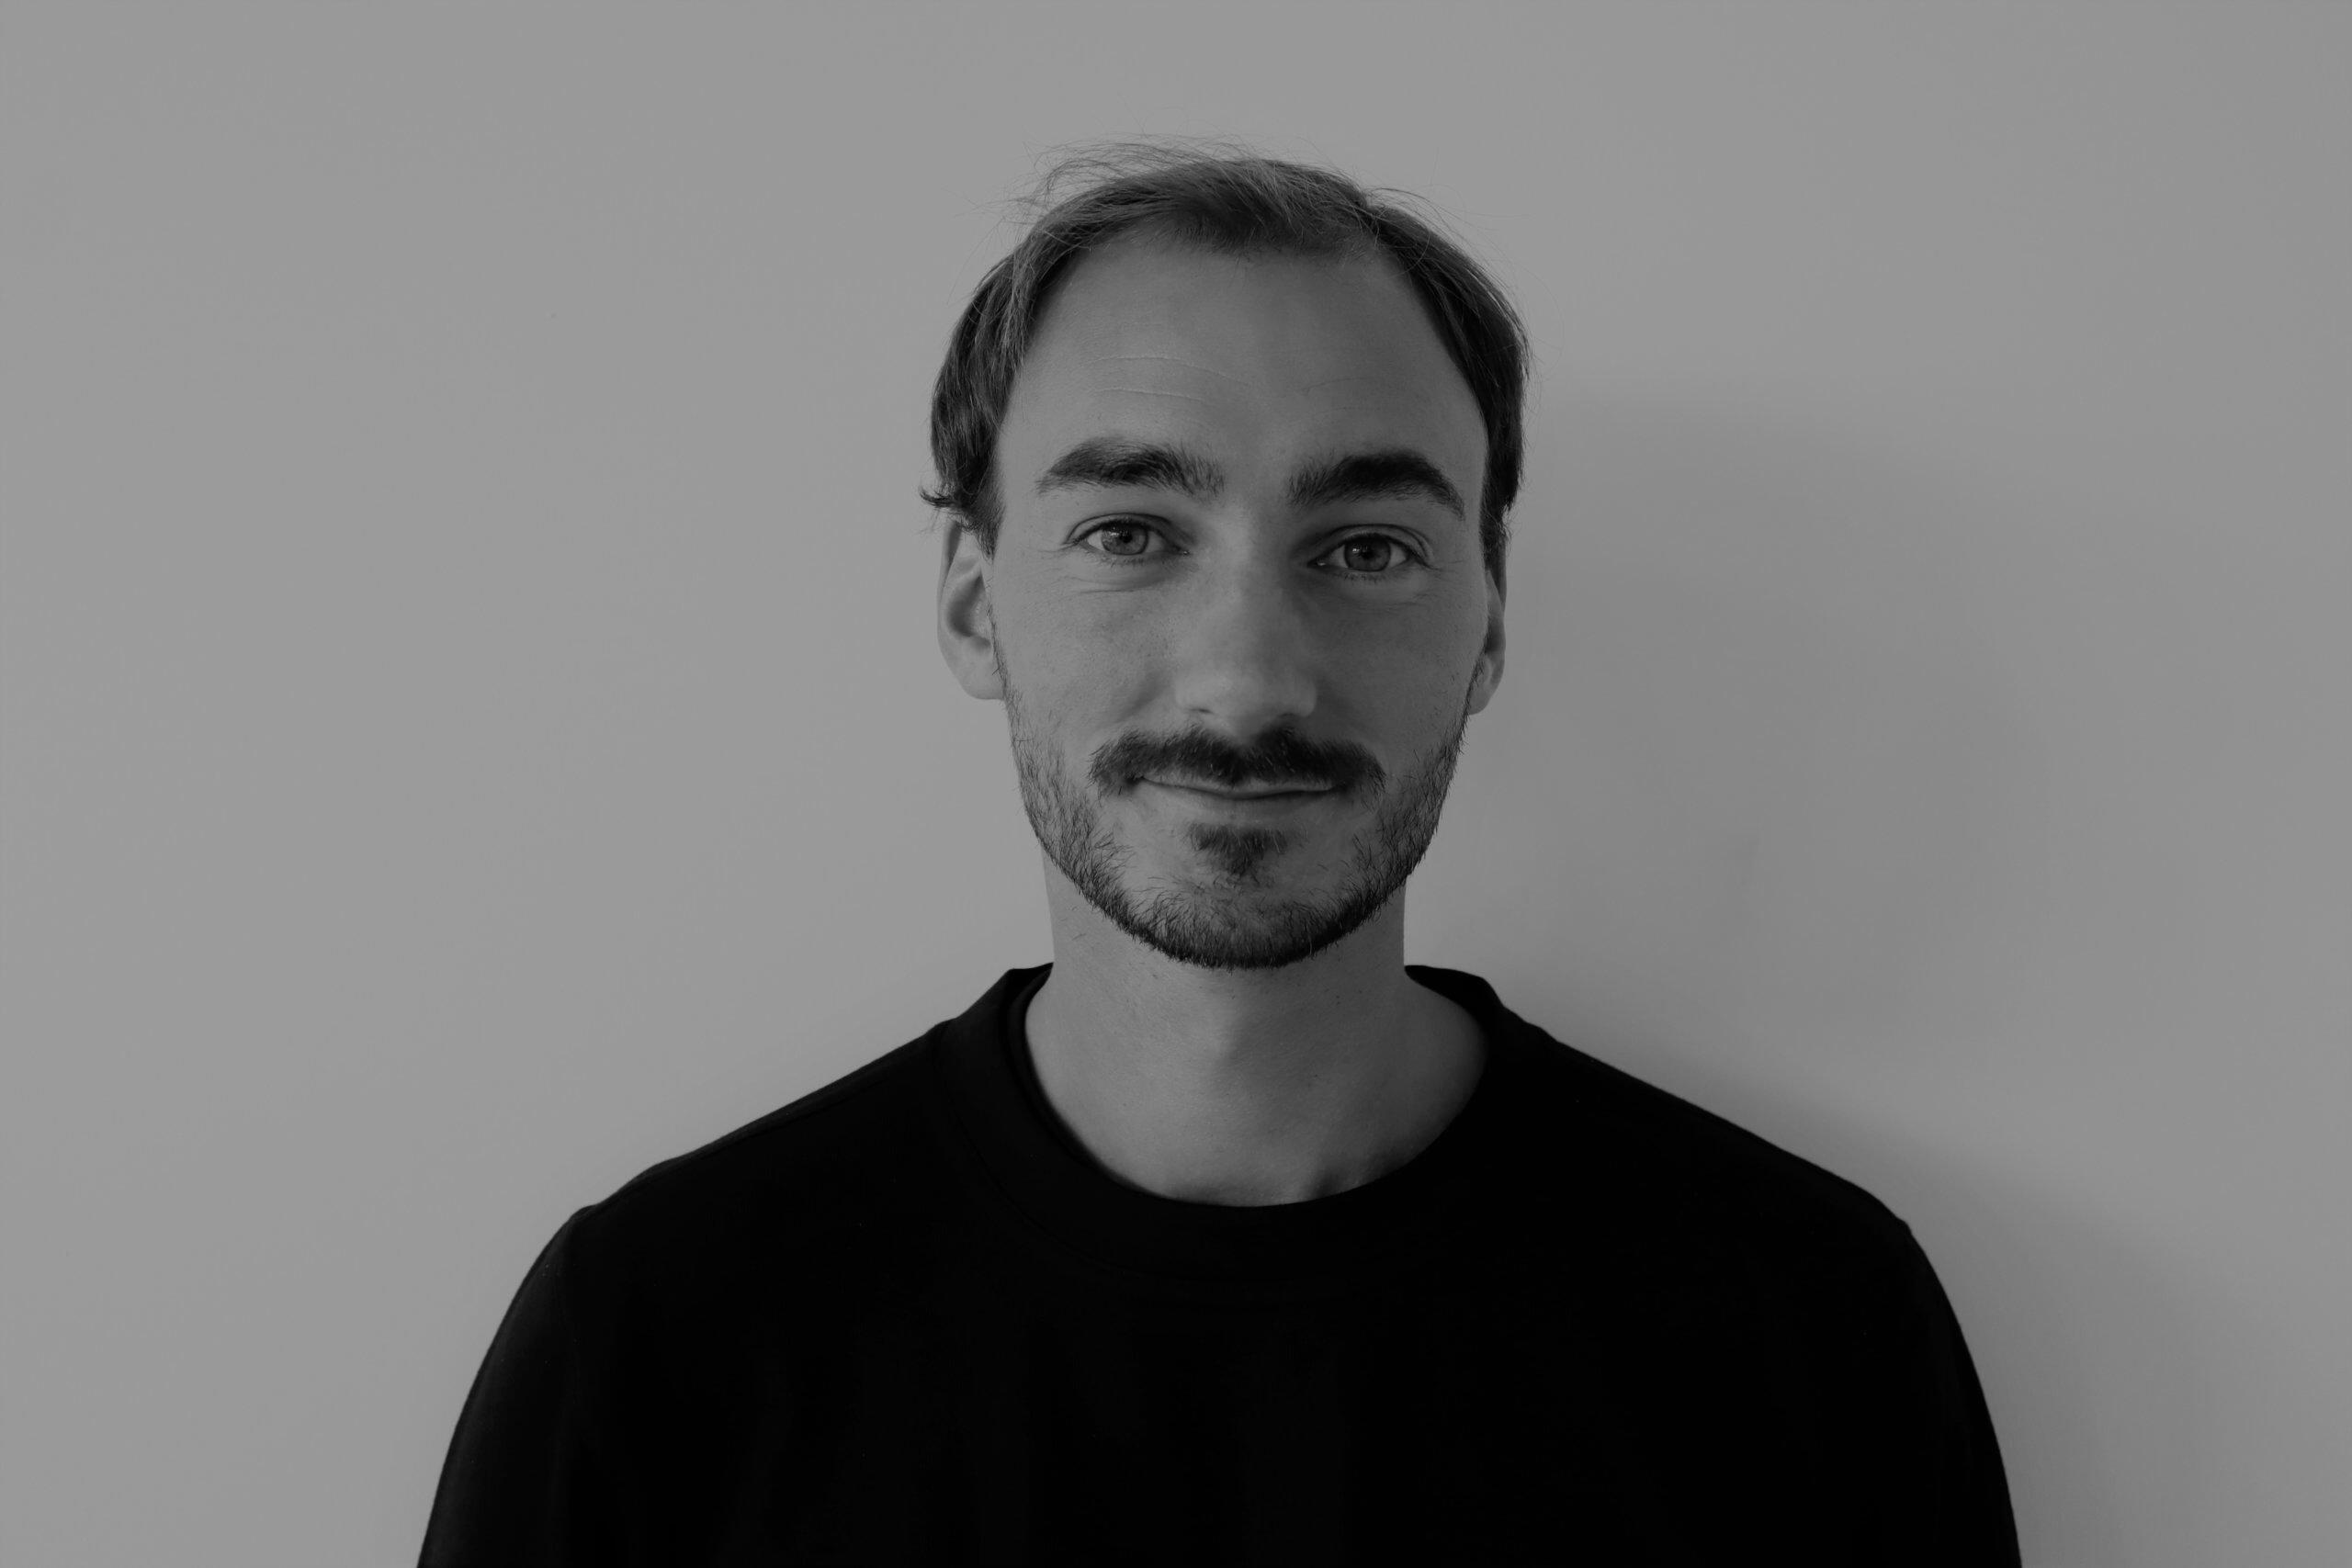 Alexander Benum Pladsen